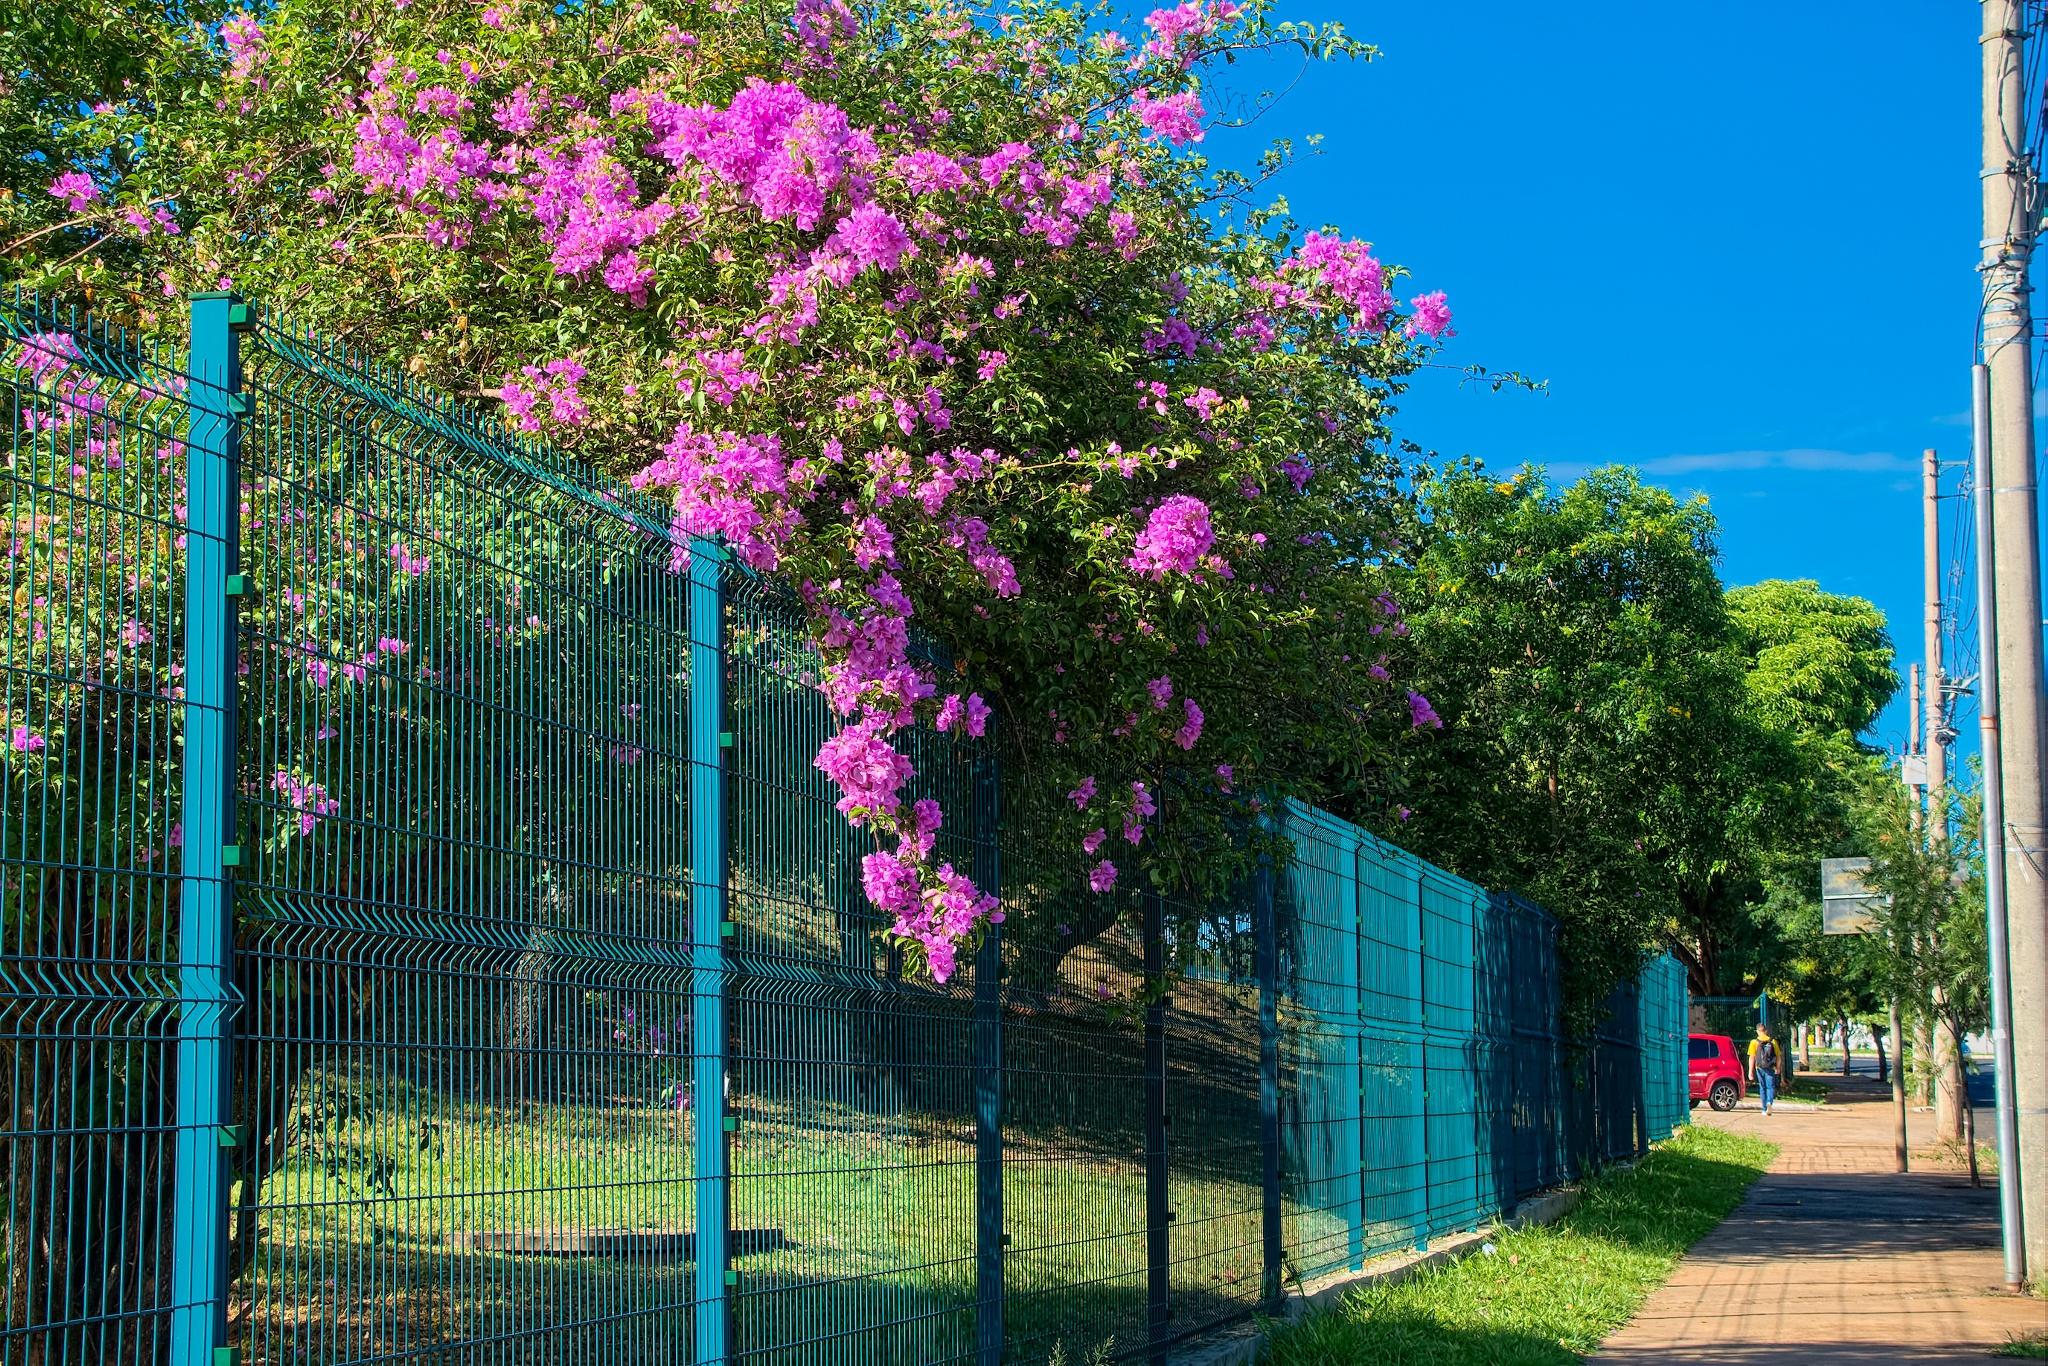 A blue fence by Luiz Curcino